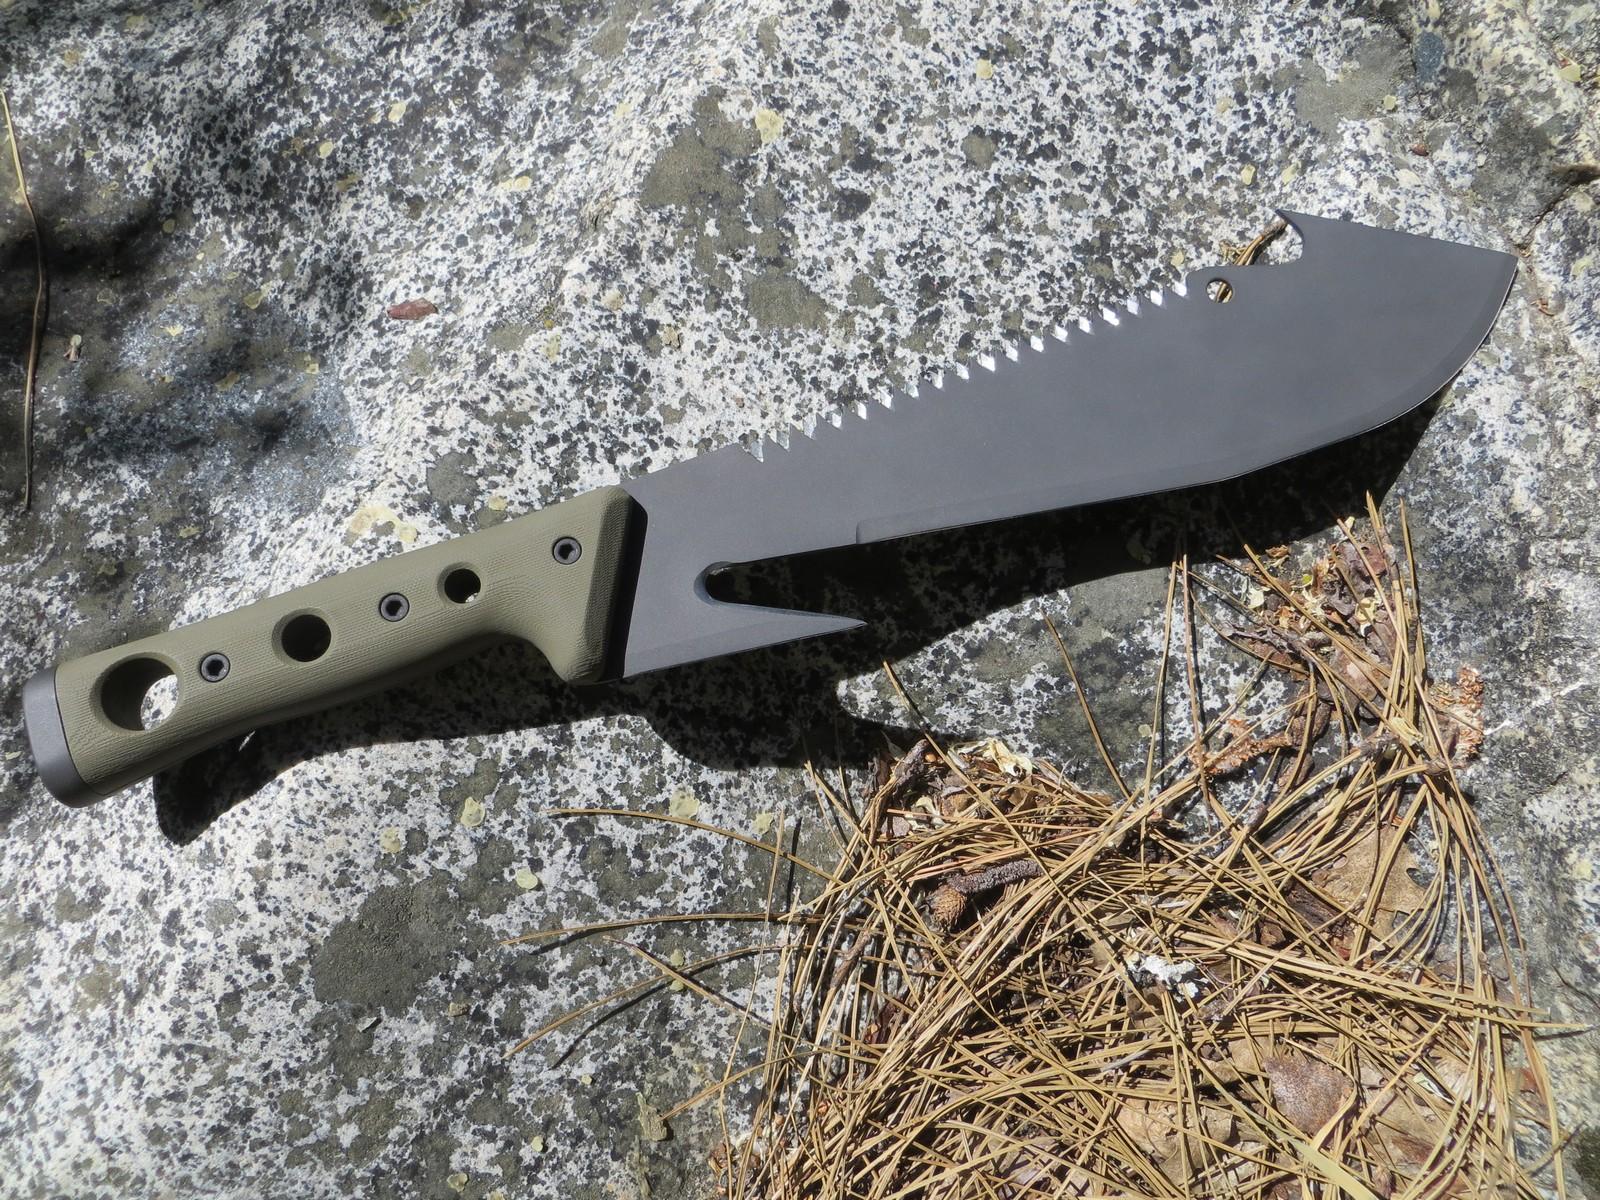 SM12 Survival Machete a compact Survival Challenge Tool.